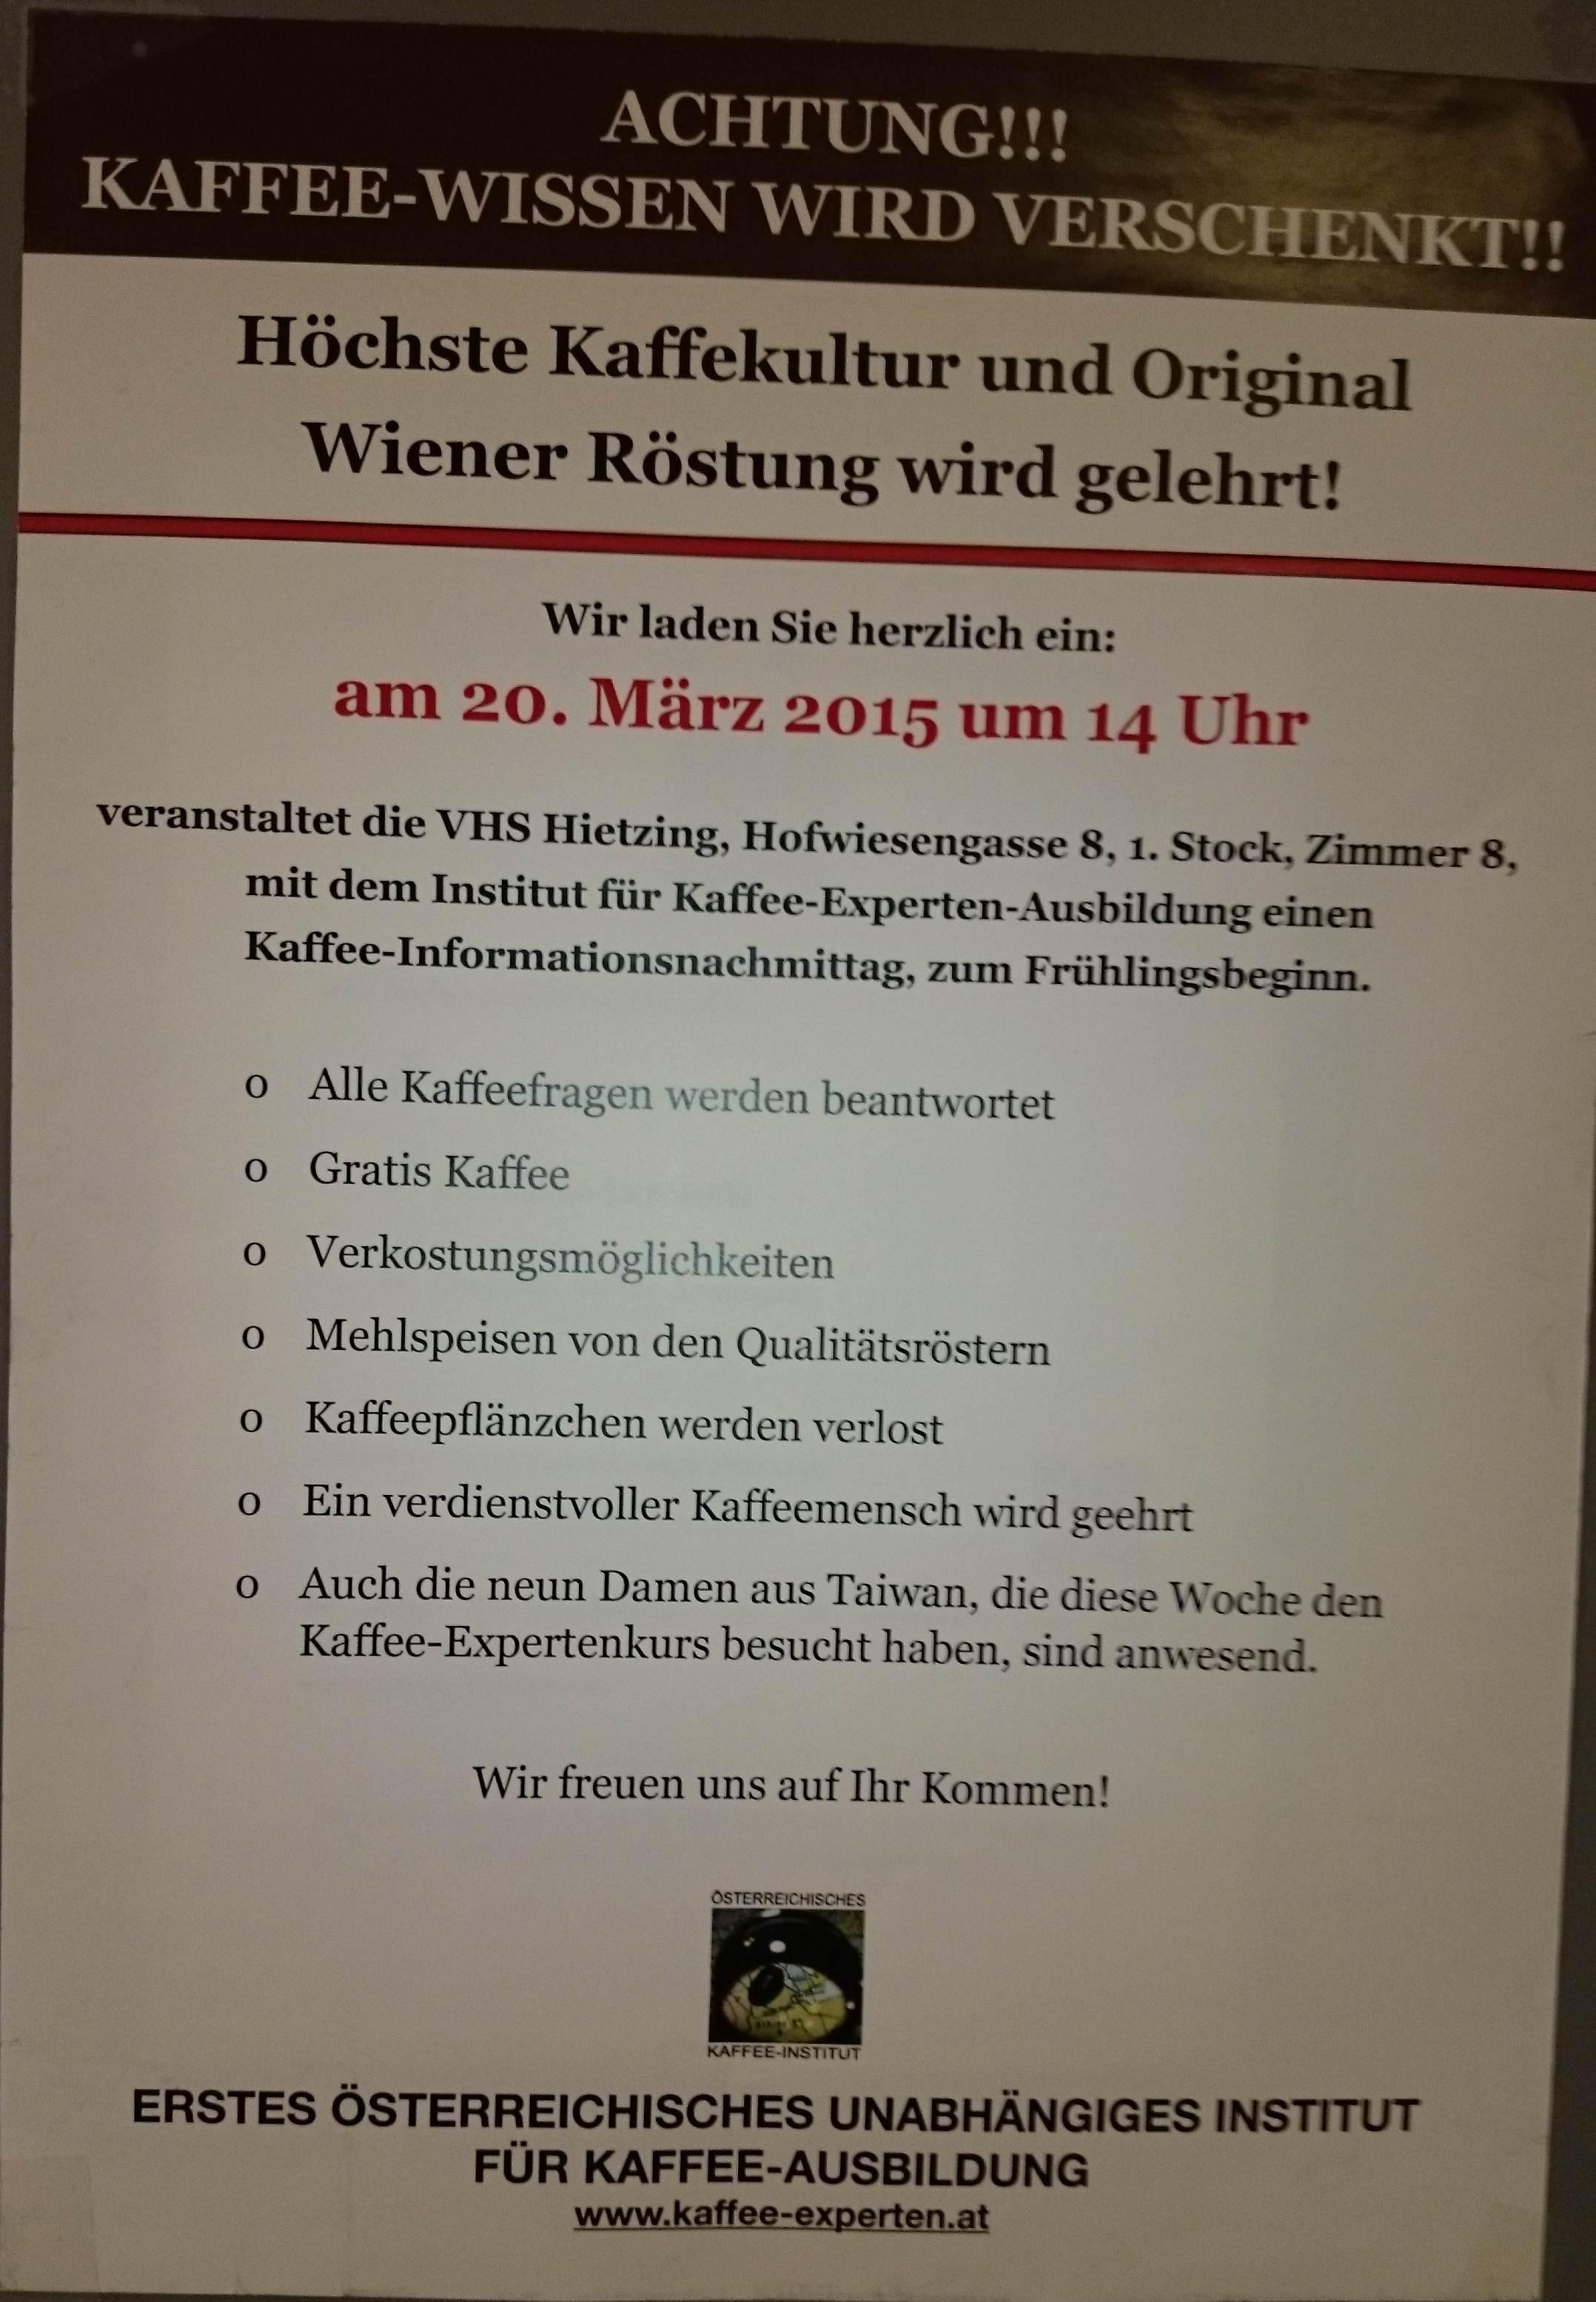 Zum Frühlingsbeginn fand am 20. März 2015 ab 14 Uhr ein Kaffee-Informationsnachmittag in der VHS Hietzing statt.